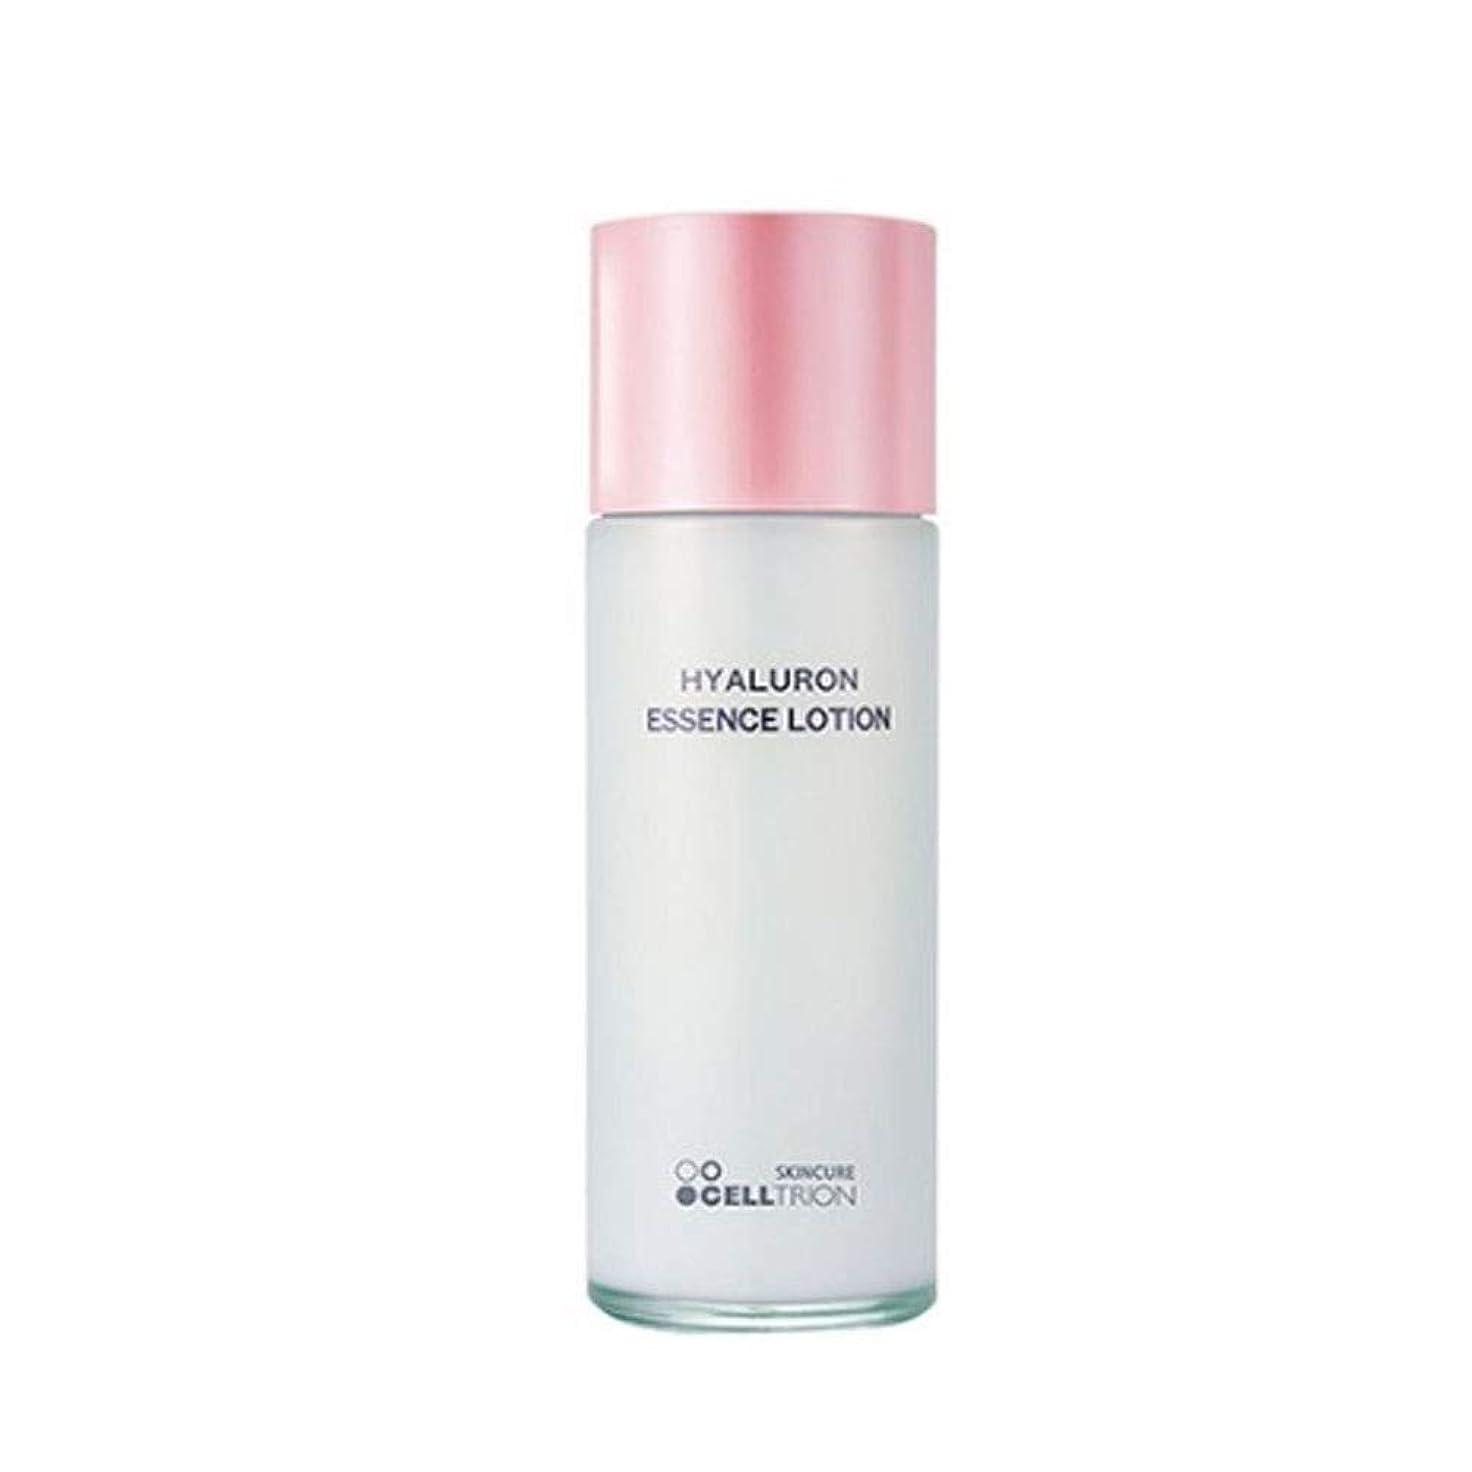 厳スケッチ学者セルトリオンスキンキュアヒアルロンエッセンスローション 150ml 美白シワ改善、Celltrion Skincure Hyaluron Essence Lotion 150ml Anti-Wrinkle [並行輸入品]